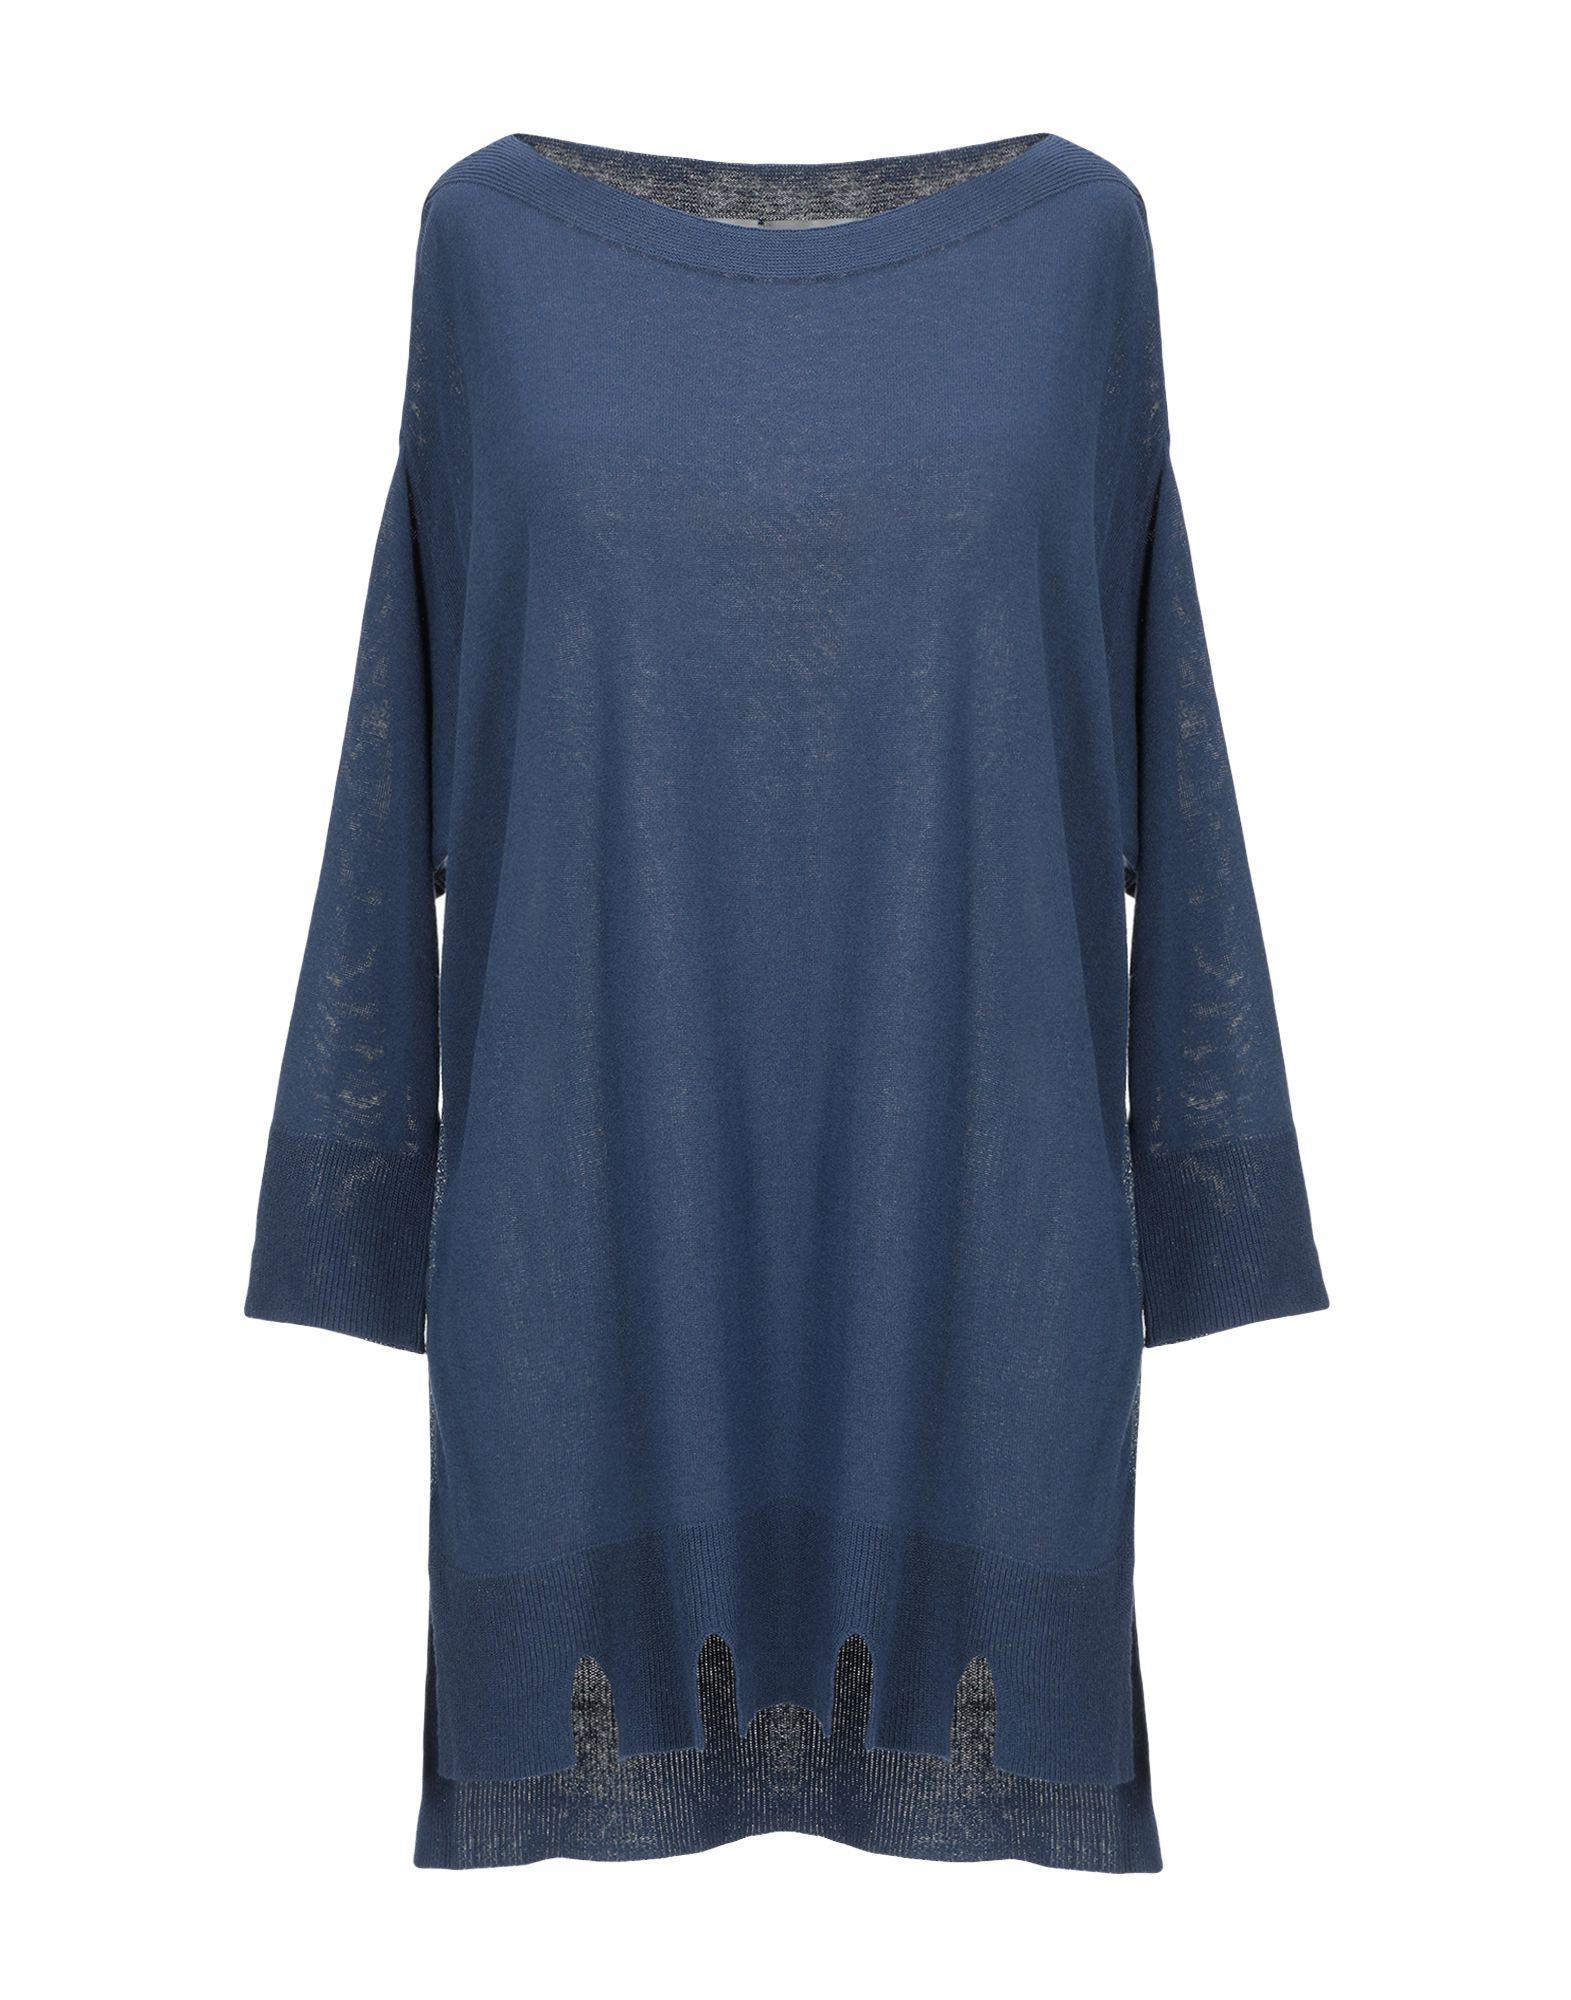 LUISA PELLICELLI Sweaters - Item 39991727